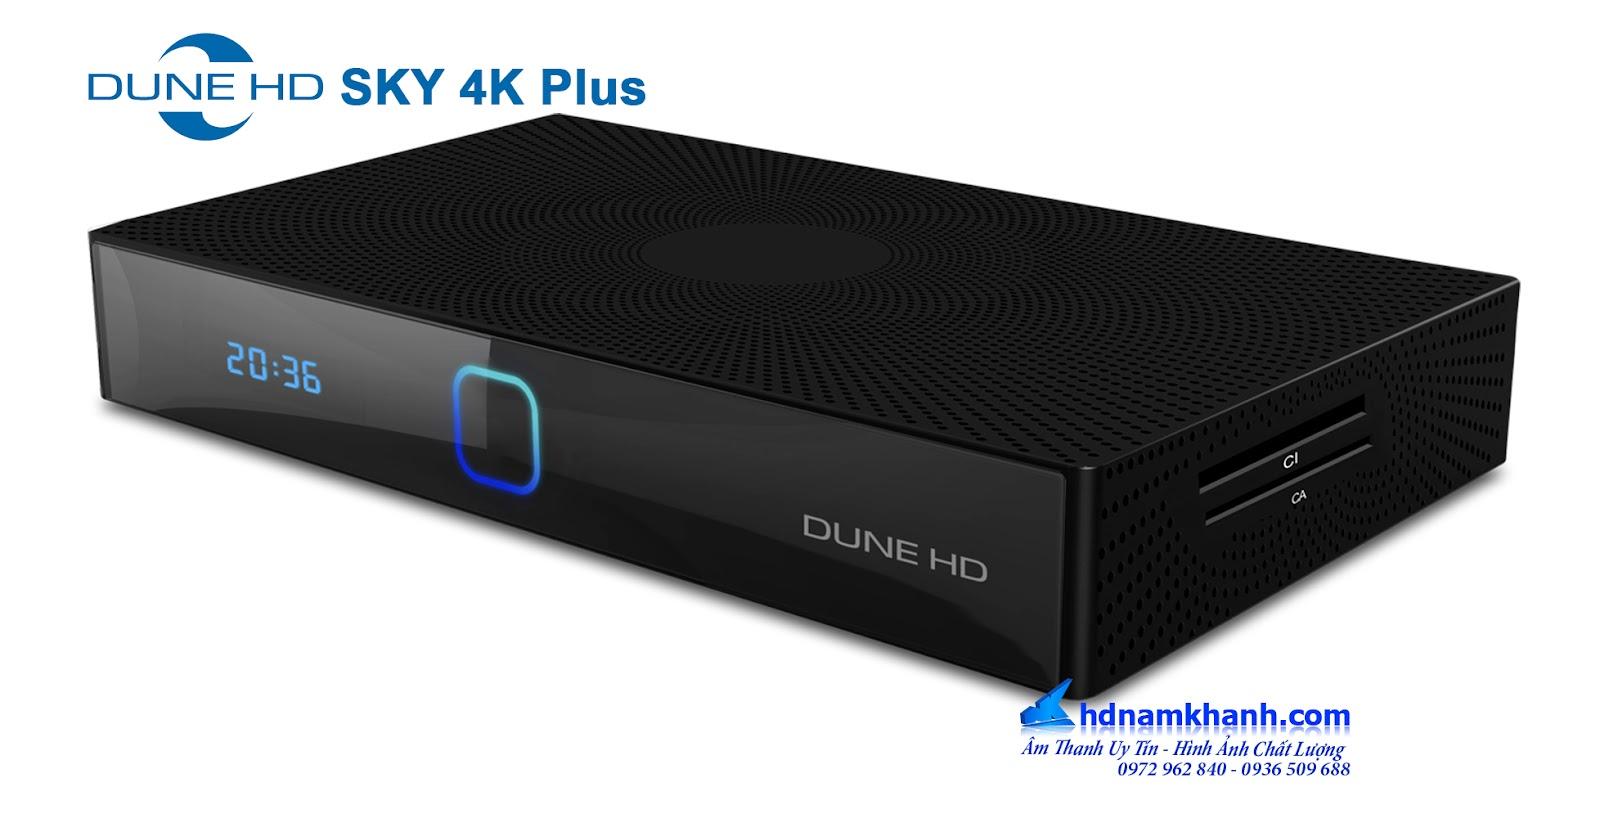 Dune HD Sky 4k Plus, đầu phát 4k mang tính năng android box